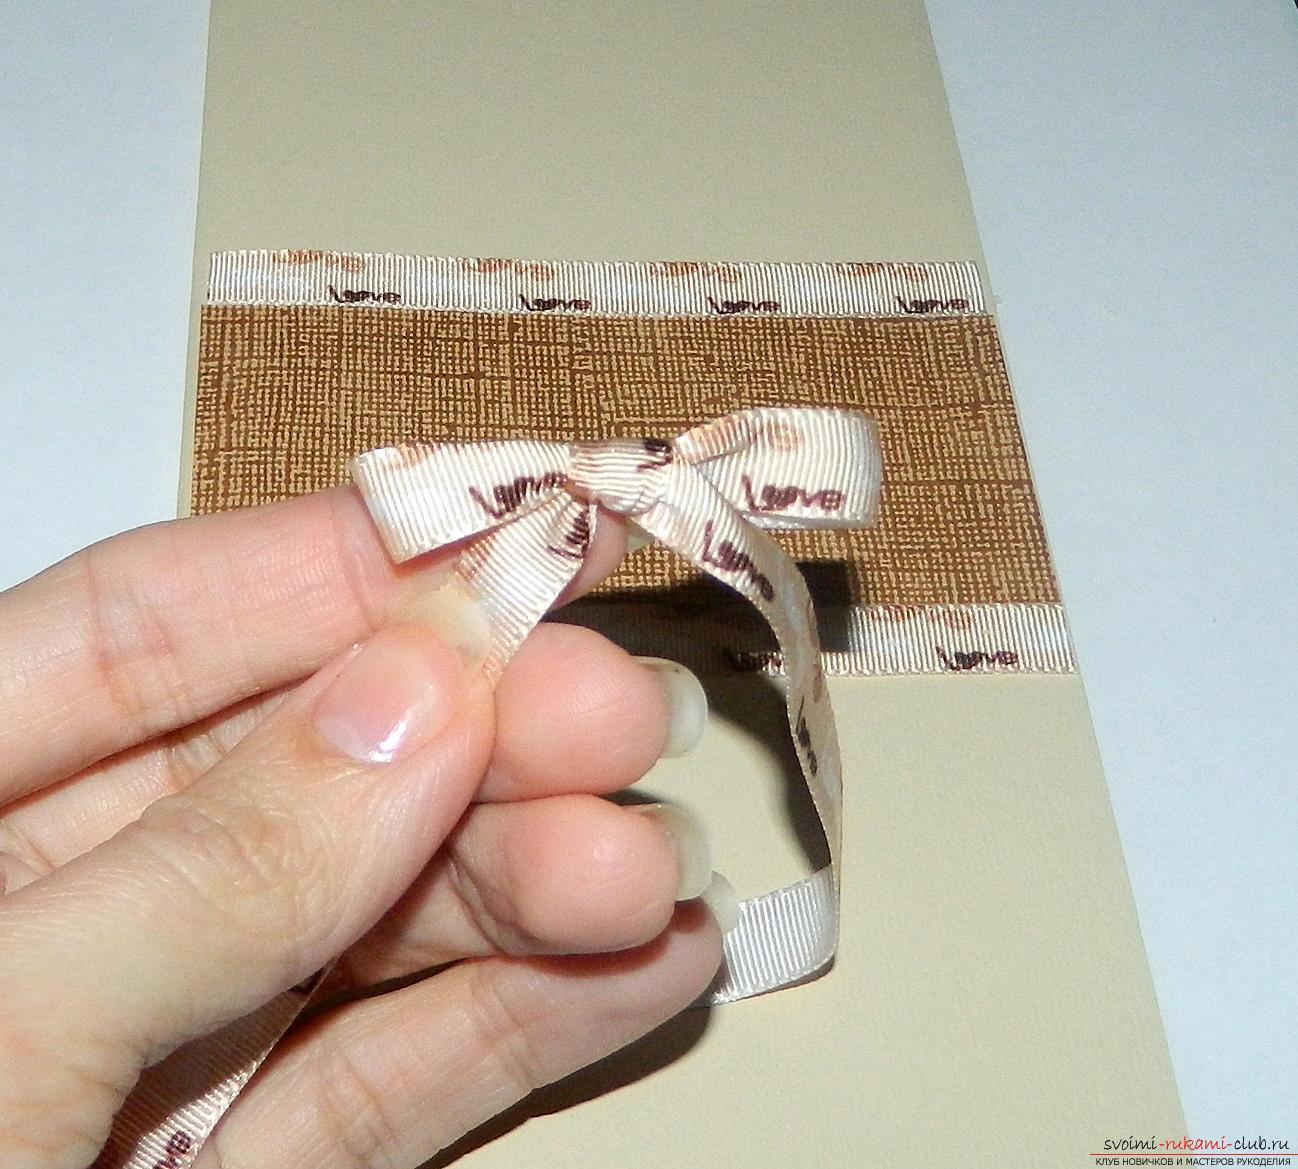 Этот мастер-класс научит как сделать классическую открытку с днем рождения своими руками.. Фото №5